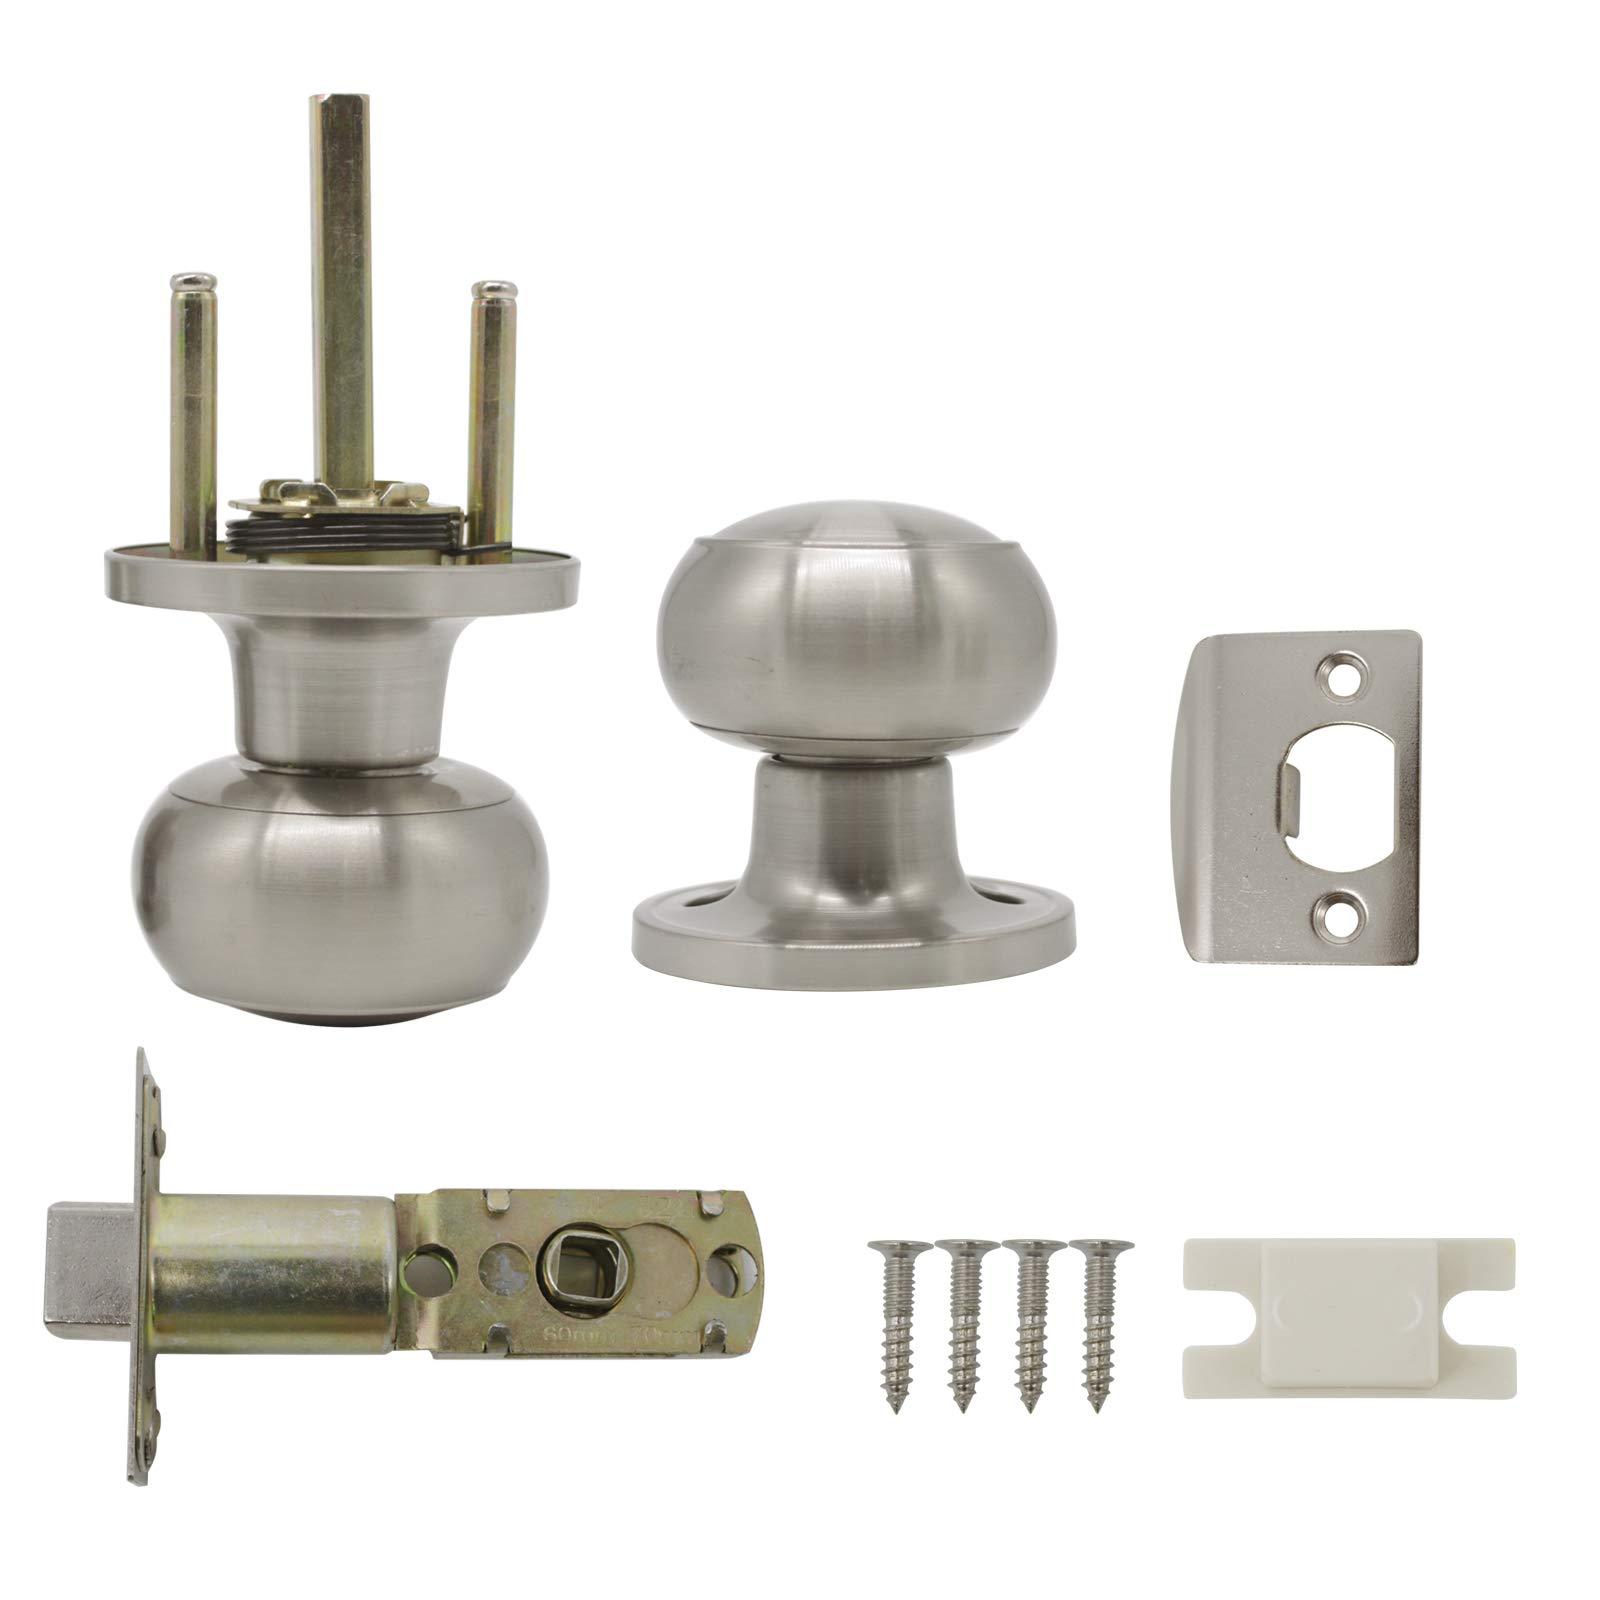 8 Pack Probrico Interior Passage Keyless Door Knobs Door Lock Handle Handleset Lockset Without Key Doorknobs Satin Nickel for Hall/Closet-Door Knob 609 by Probrico (Image #5)